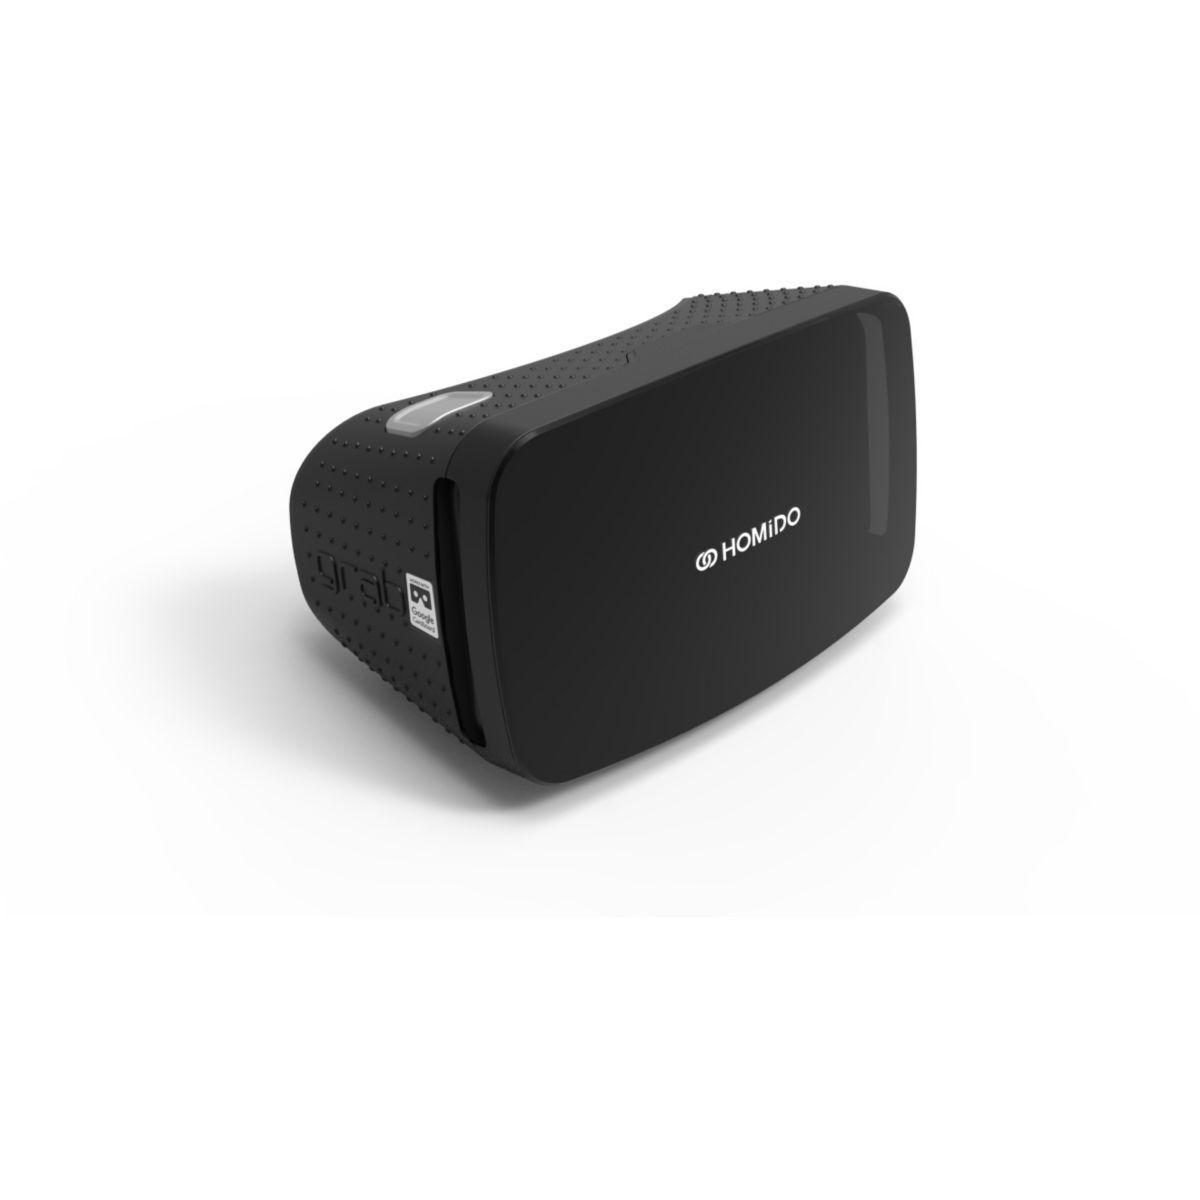 Casque de réalité virtuelle pour smartphone homido grab noir - 2% de remise immédiate avec le code : cool2 (photo)